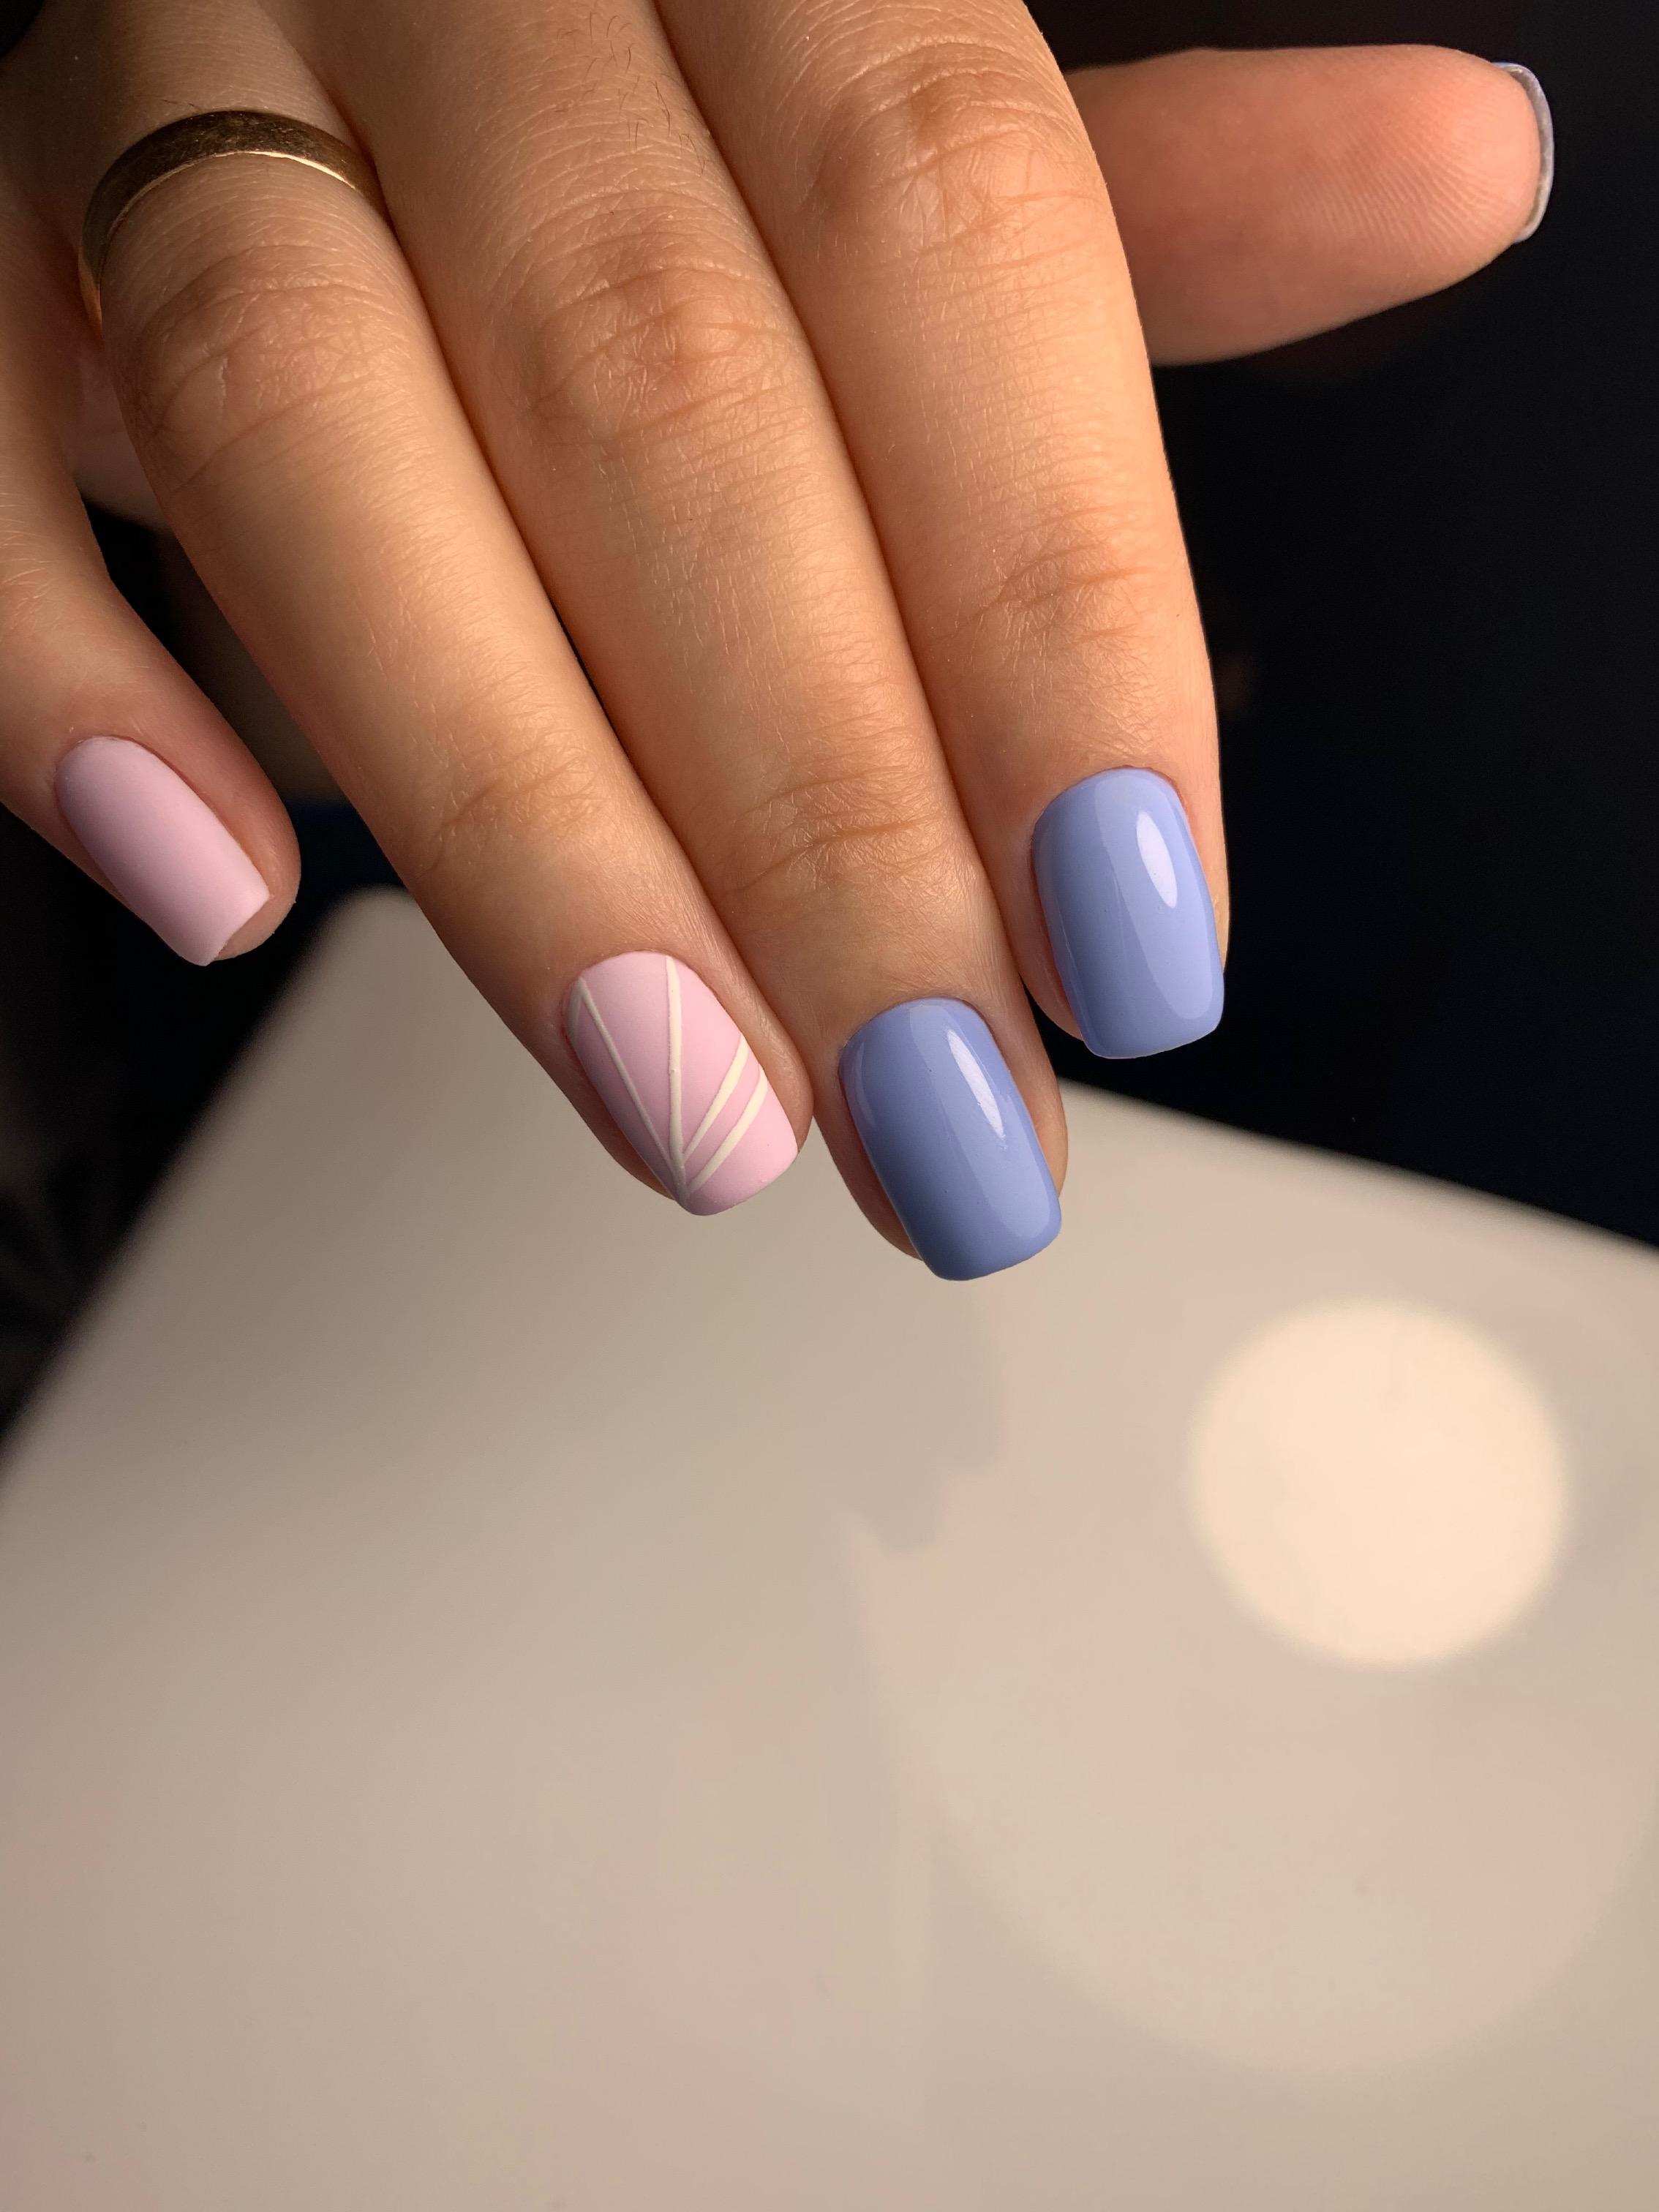 Маникюр с рисунком в пастельных тонах на короткие ногти.